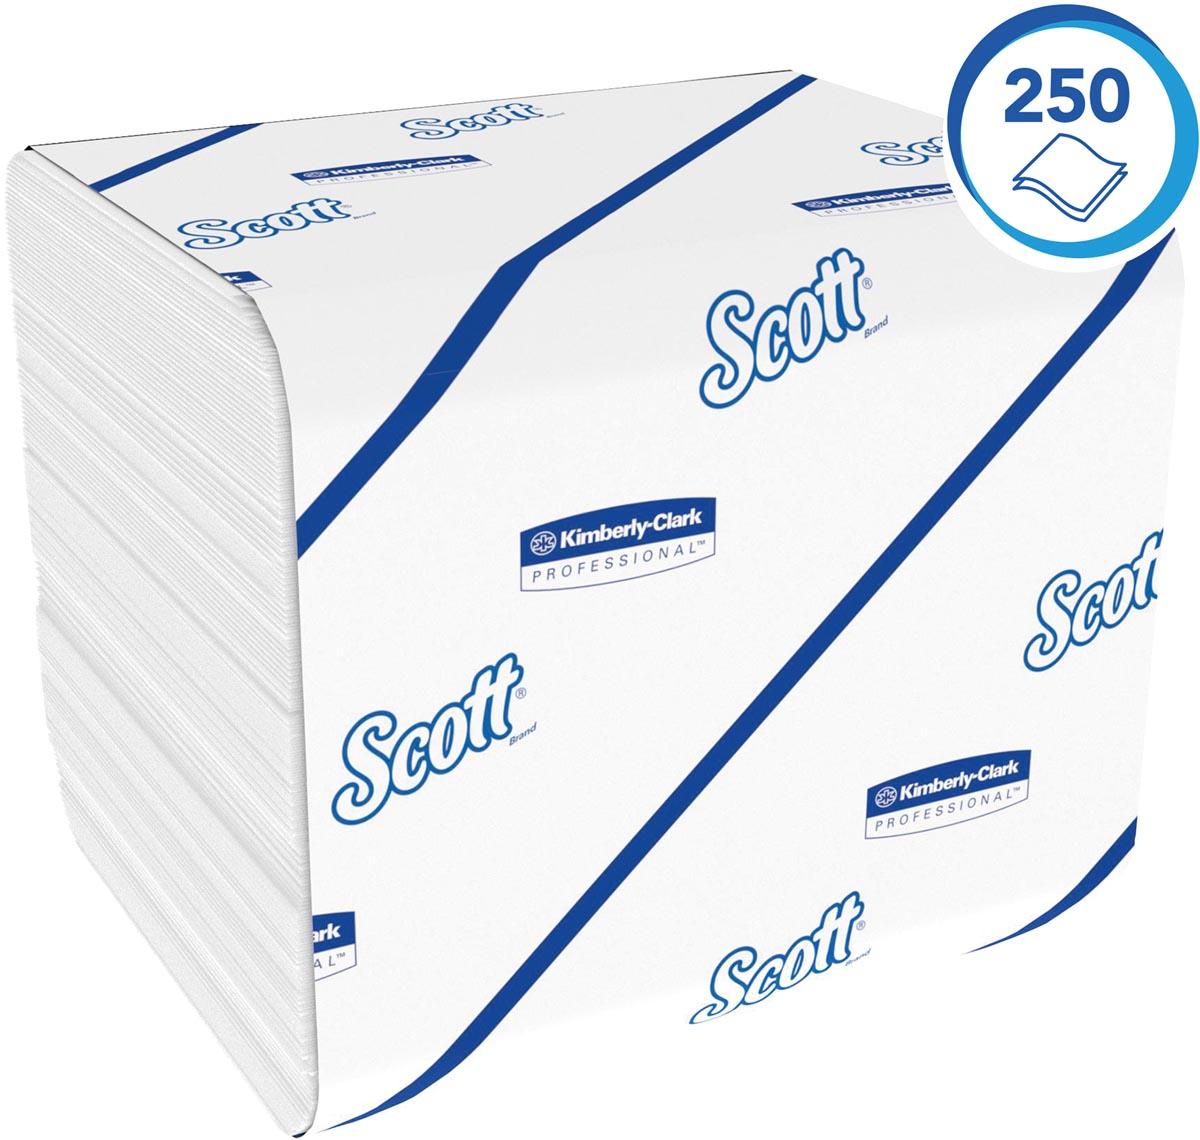 Scott gevouwen toiletpapier voor dispenser, 2-laags, 250 vel, pak van 36 rollen